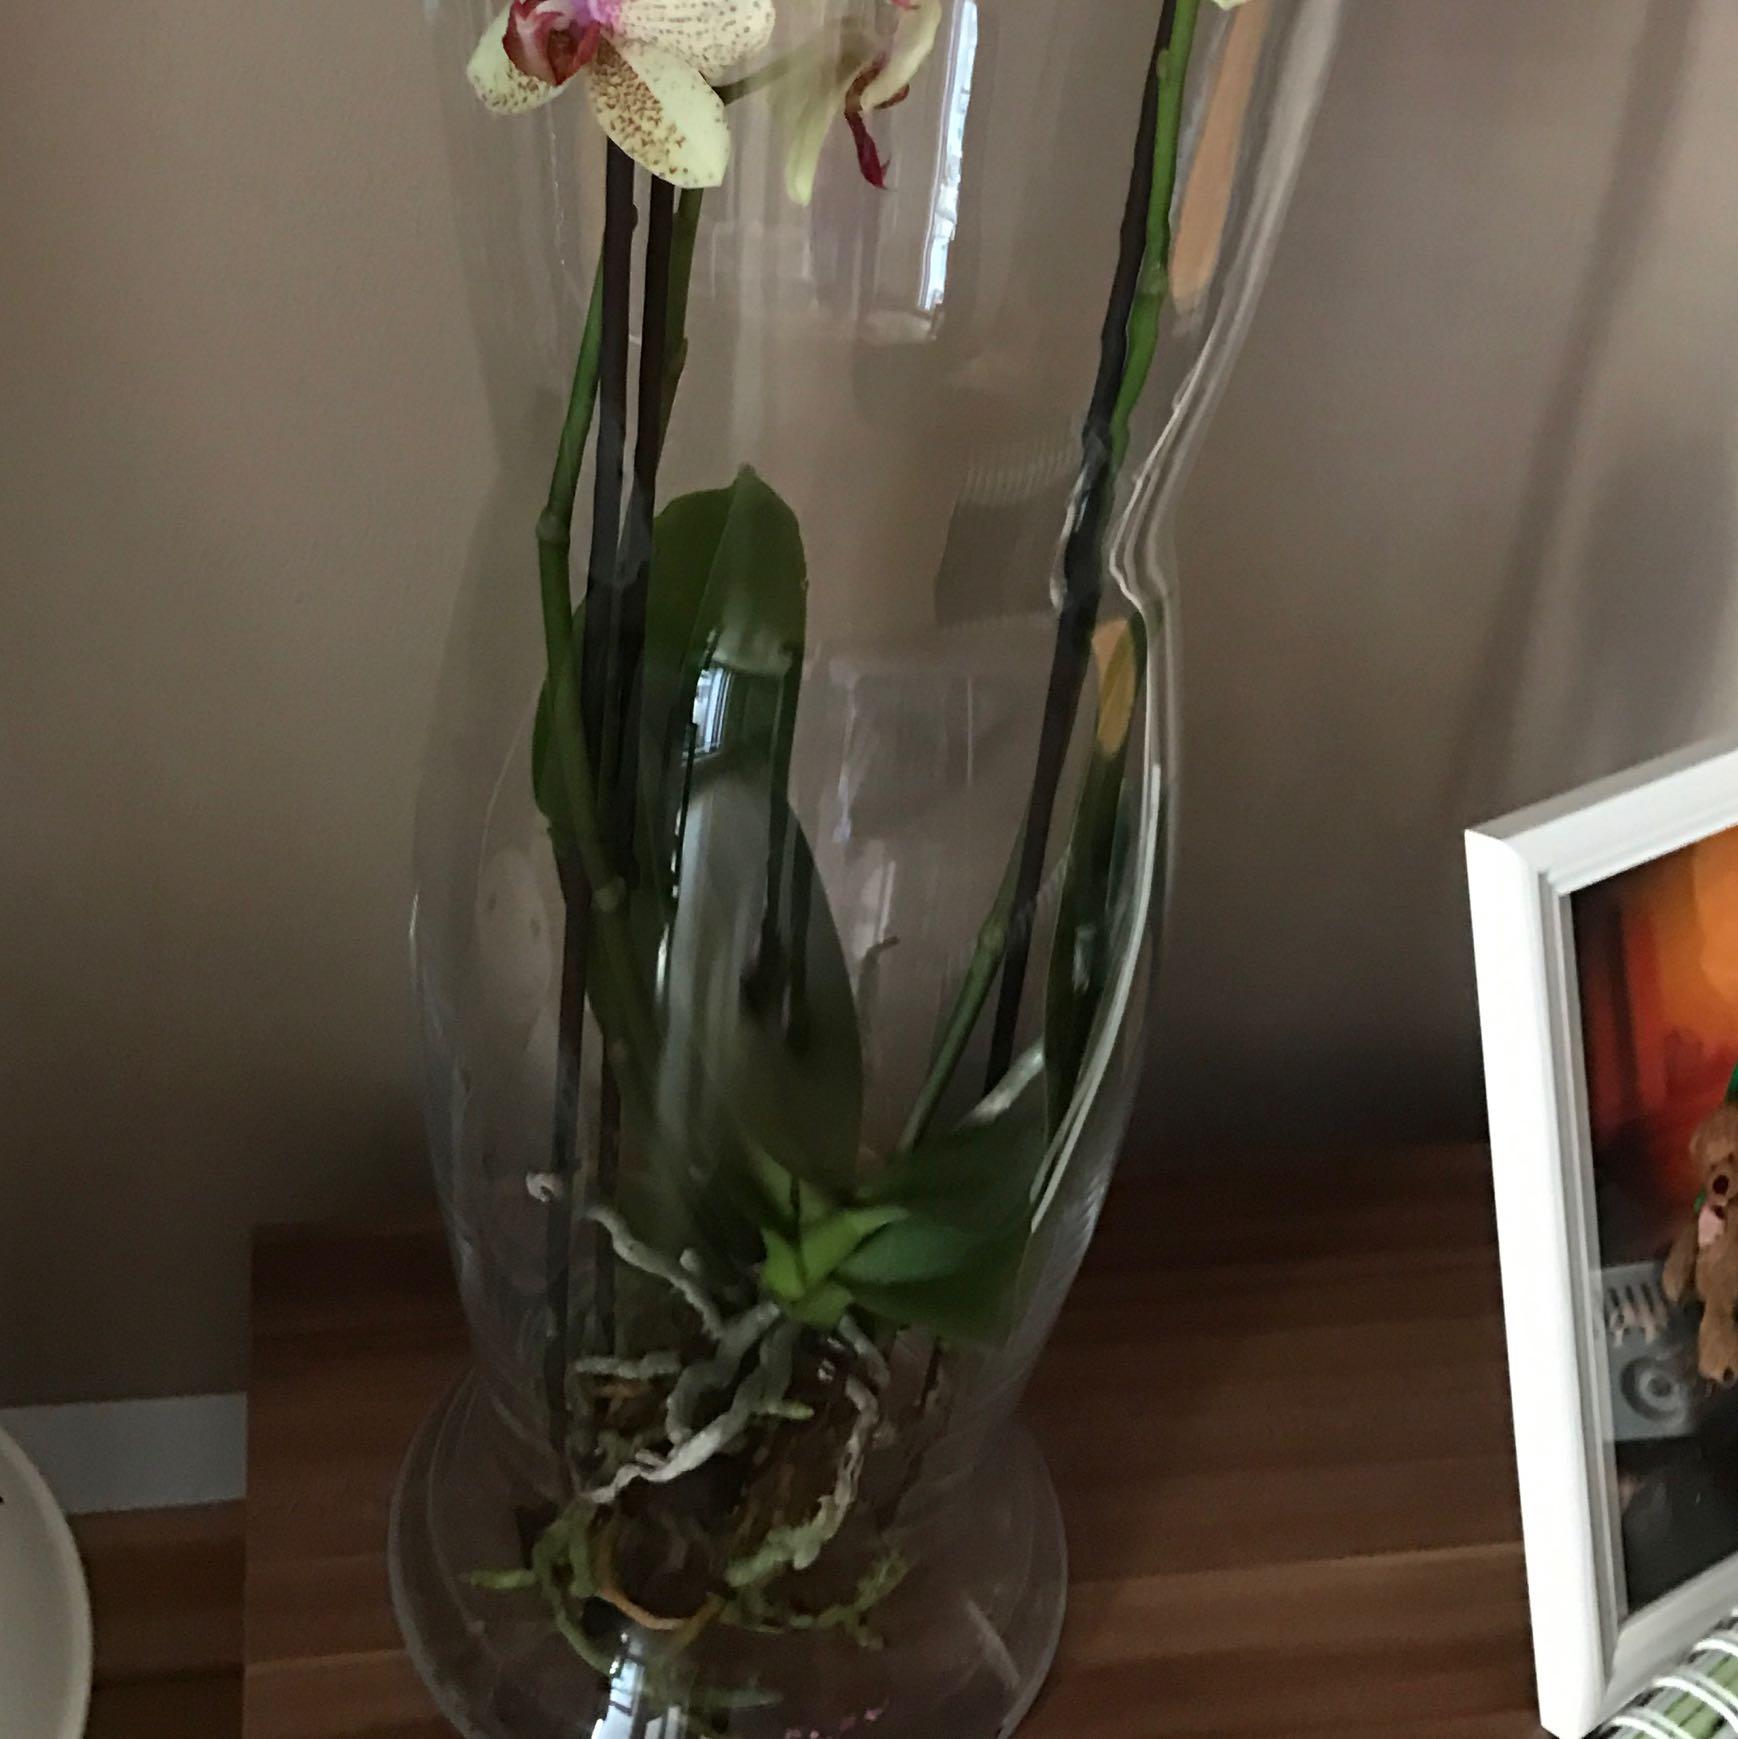 Orchidee im Glas wie und vor allem wie oft dngen